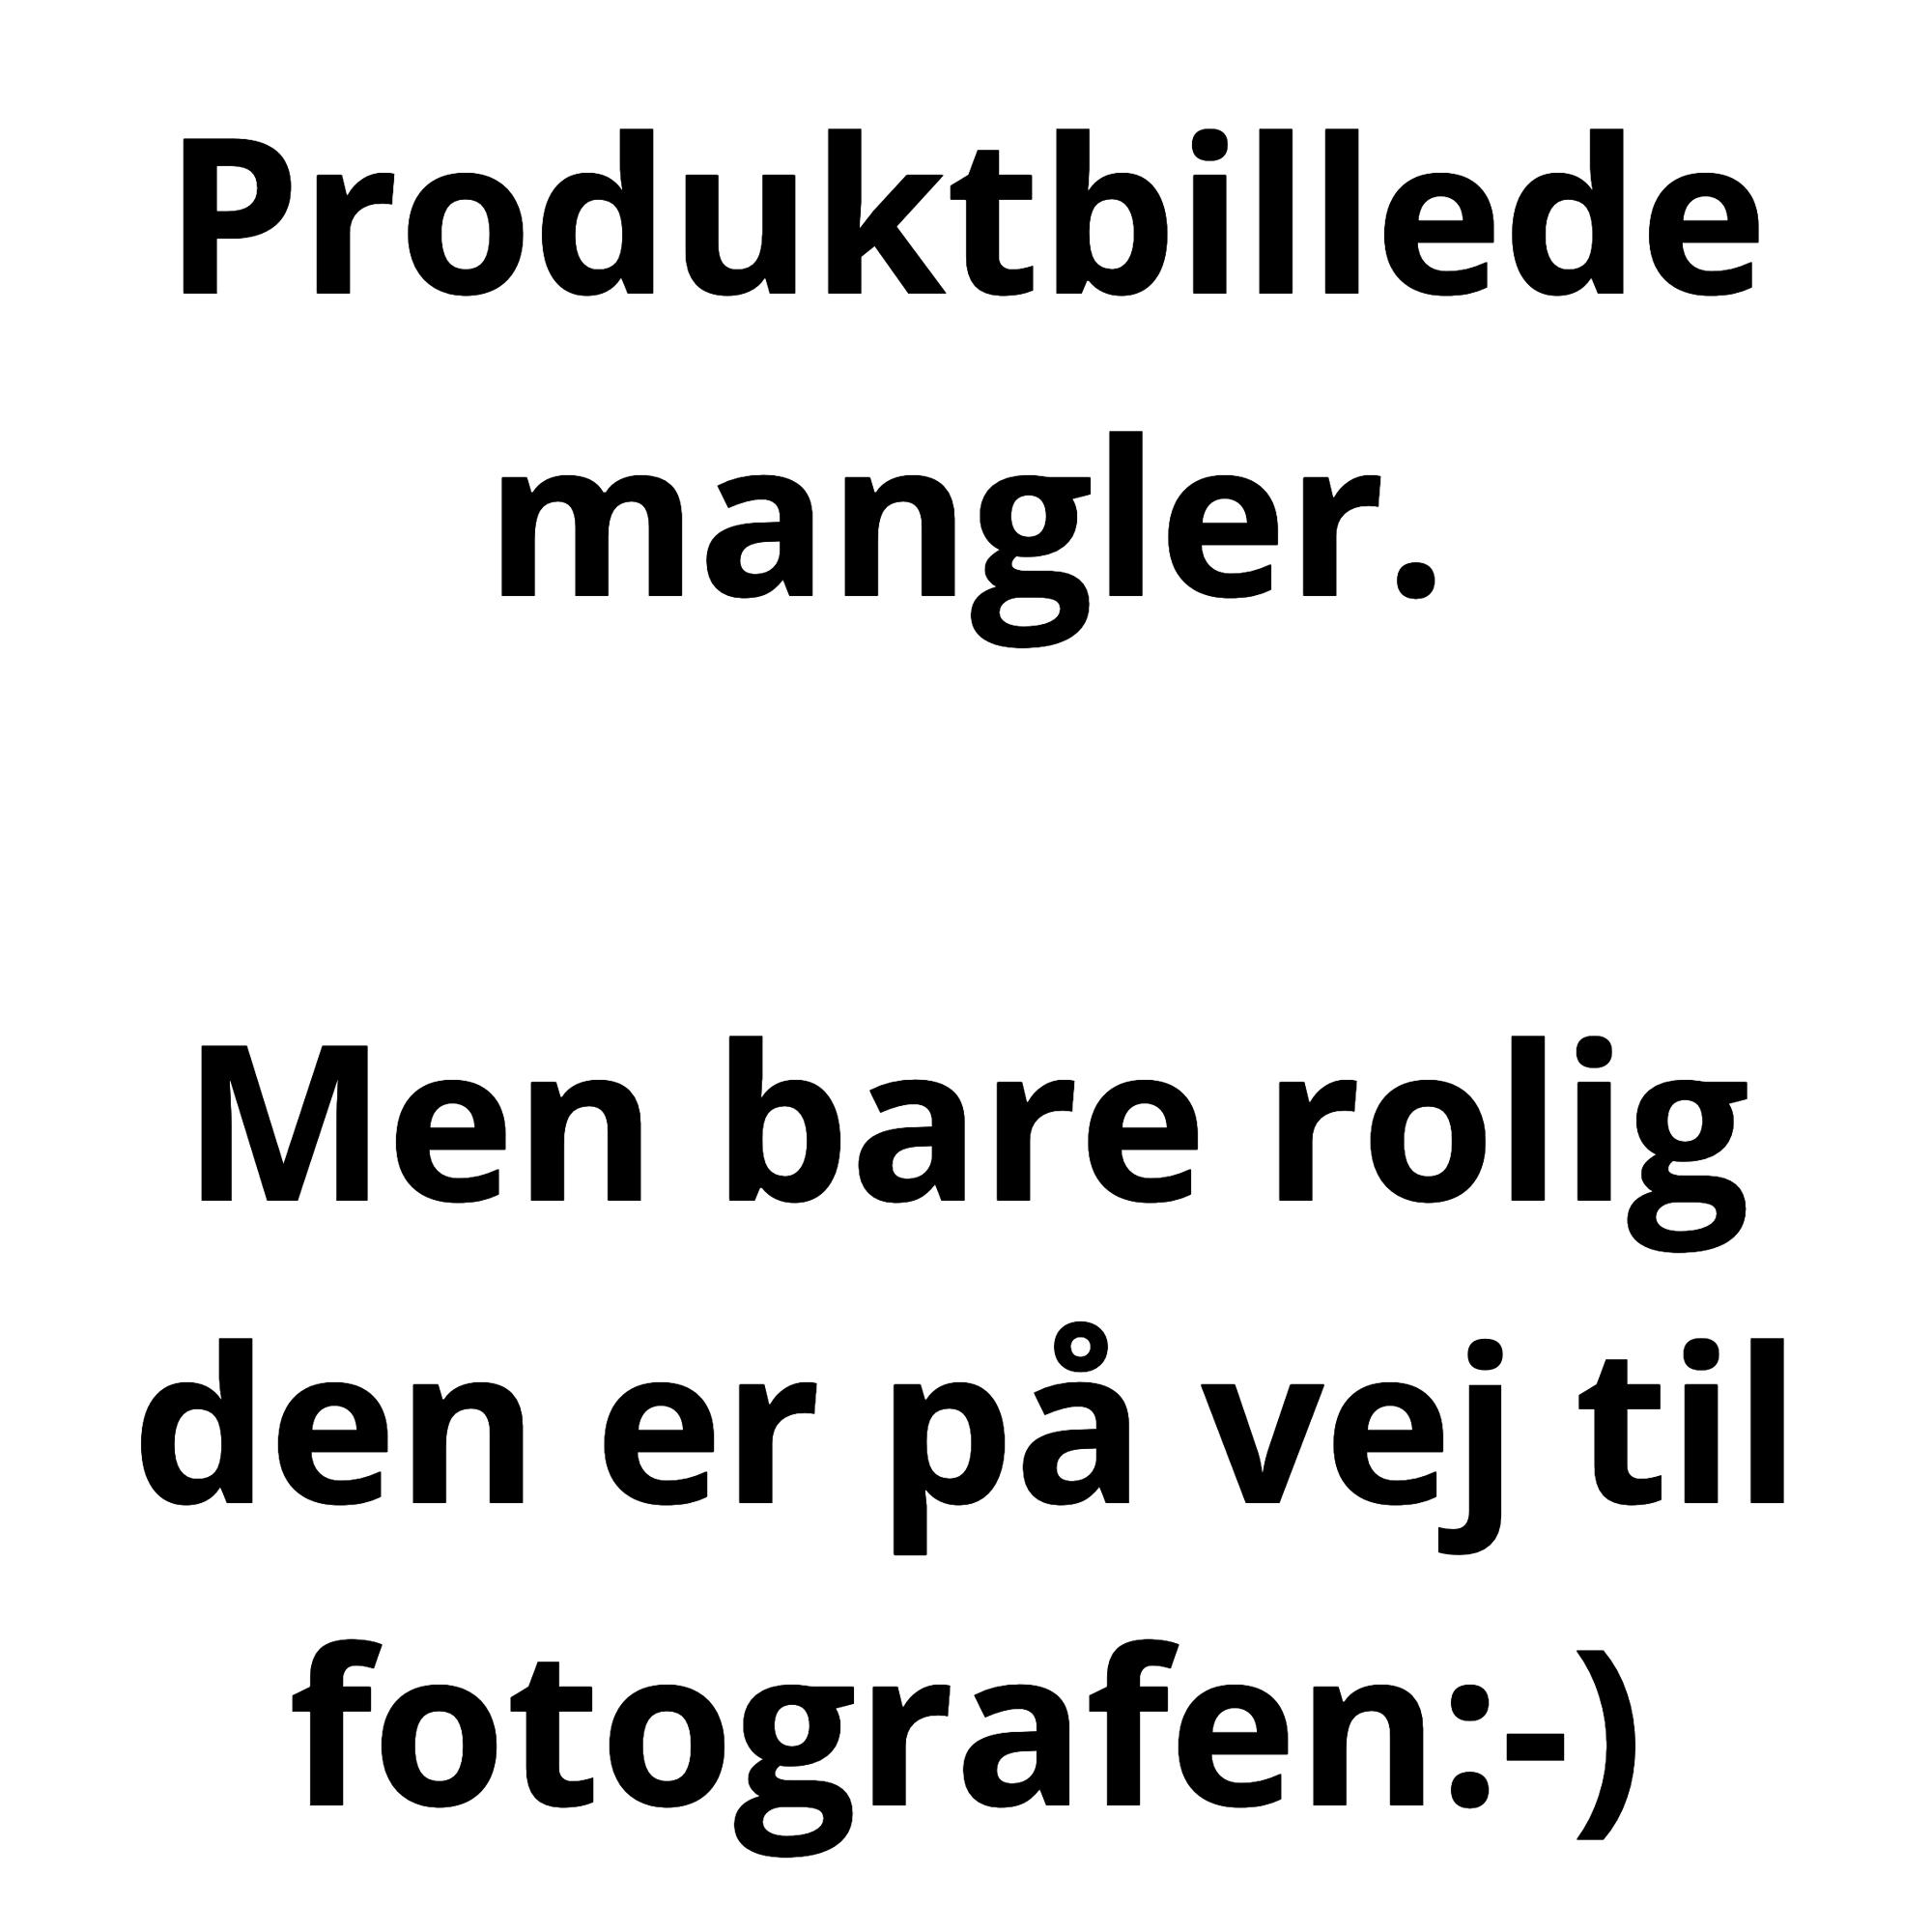 Brodit Apple iPhone 5/5S/5C/SE m. beskyttelsescover (b: 62-77/ d:9-13mm) - Passiv Holder